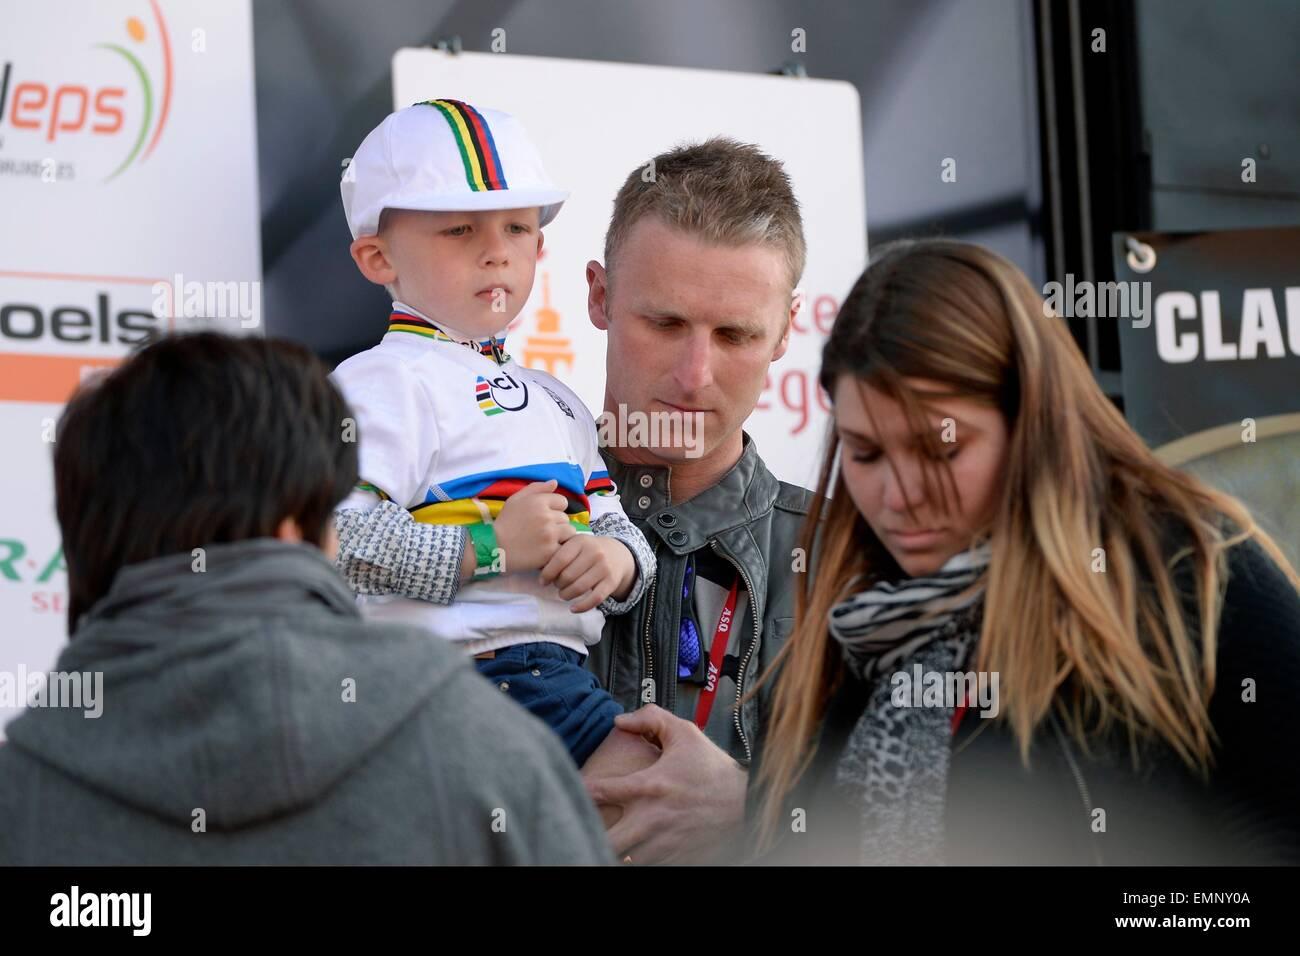 Wallonia, Belgium. 22nd Apr, 2015. La Flèche Wallonne UCI cycling tour race. Claudy Criquielion Famille © Action Stock Photo